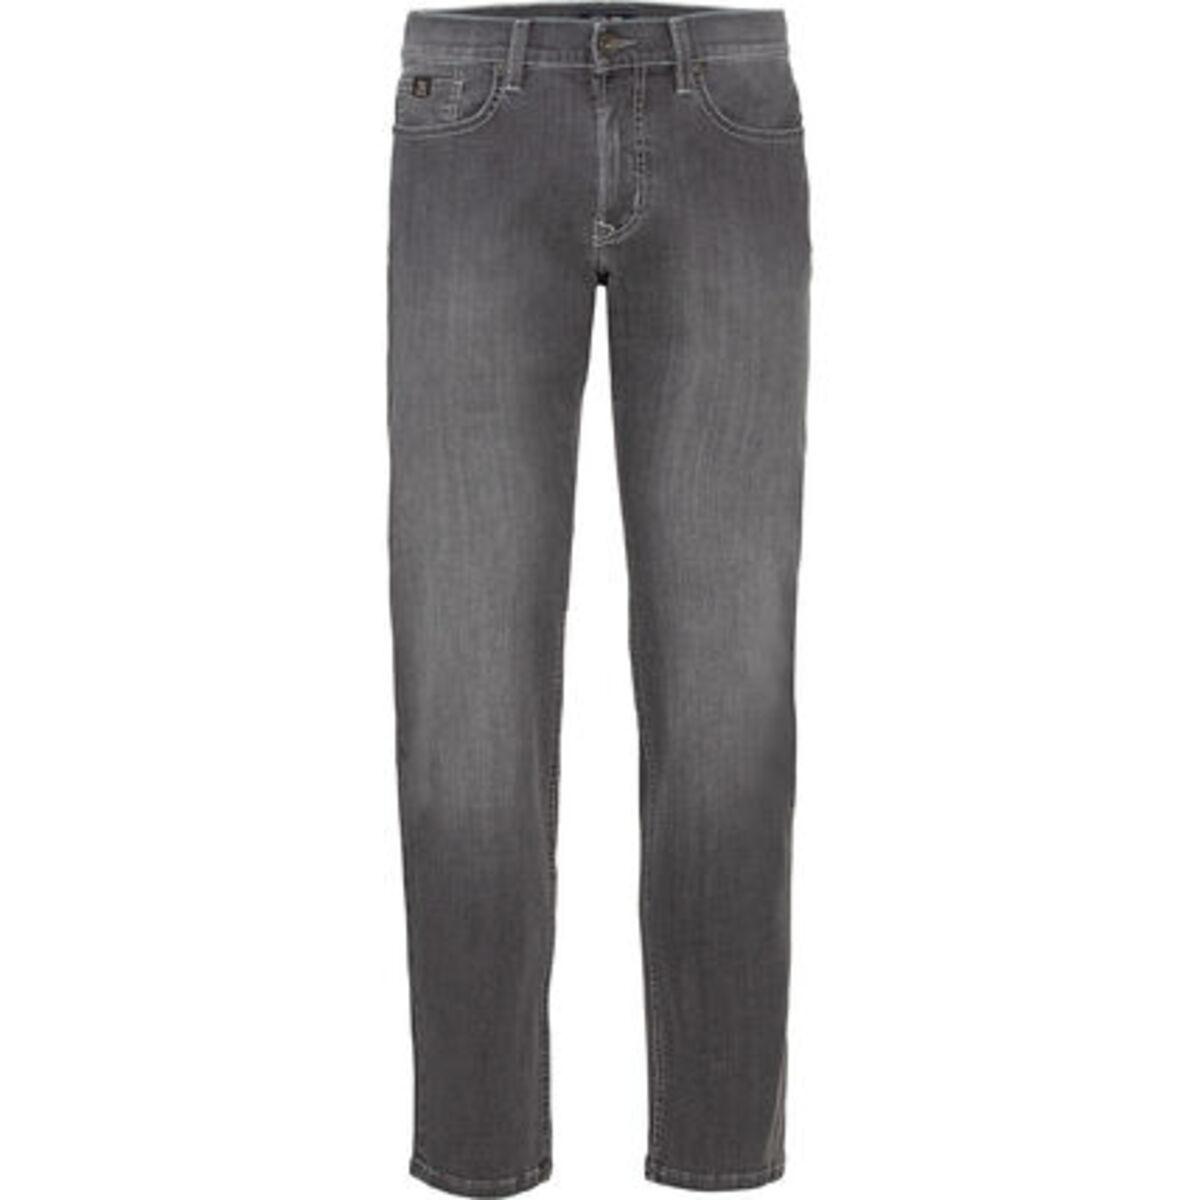 Bild 1 von Otto Kern Jeans, Dynamic Pure Flex, für Herren